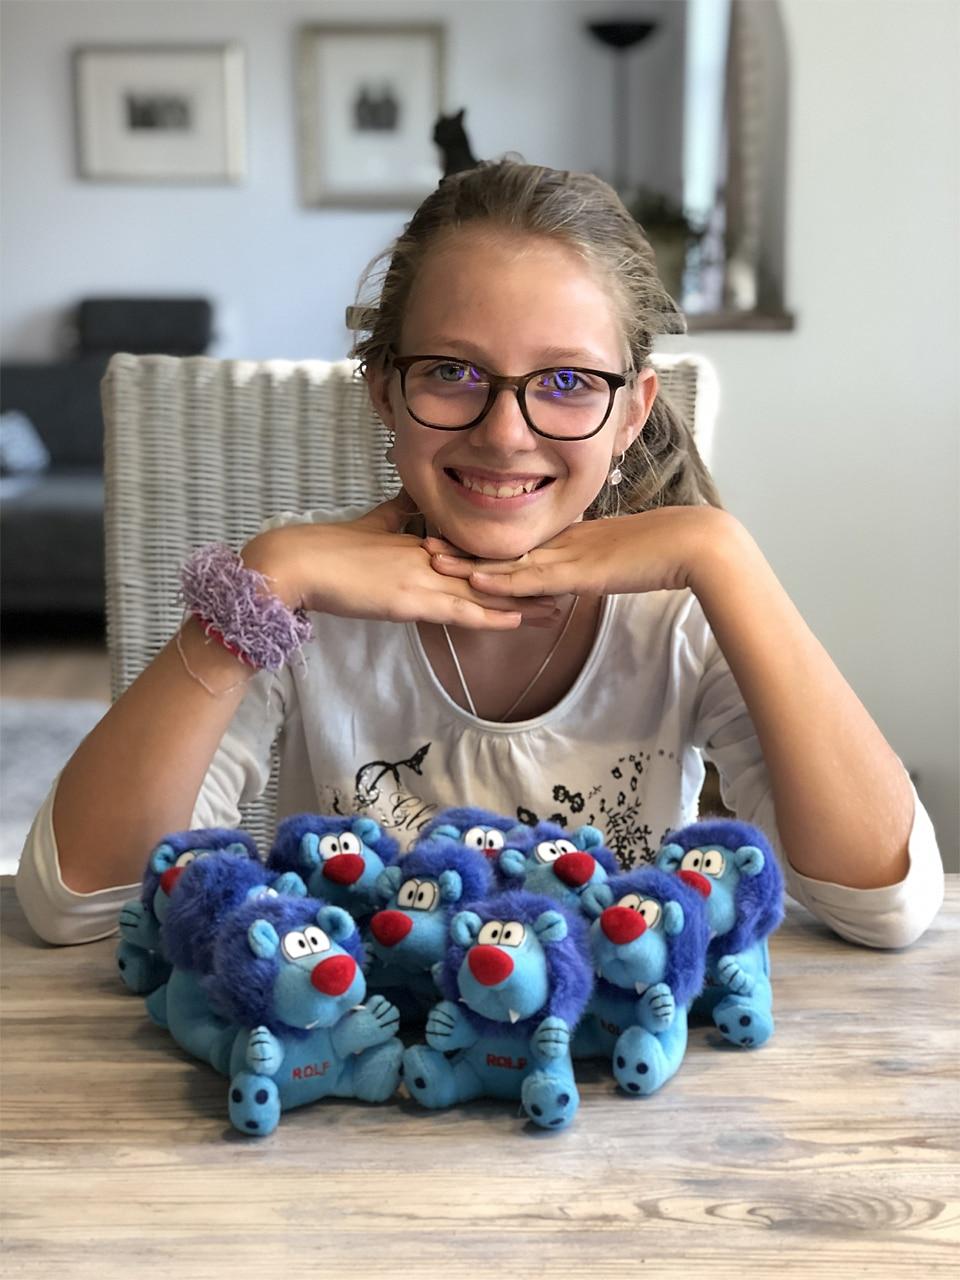 Spende Lauter kleine blaue Rolfis für die Kinderhilfe Litauen